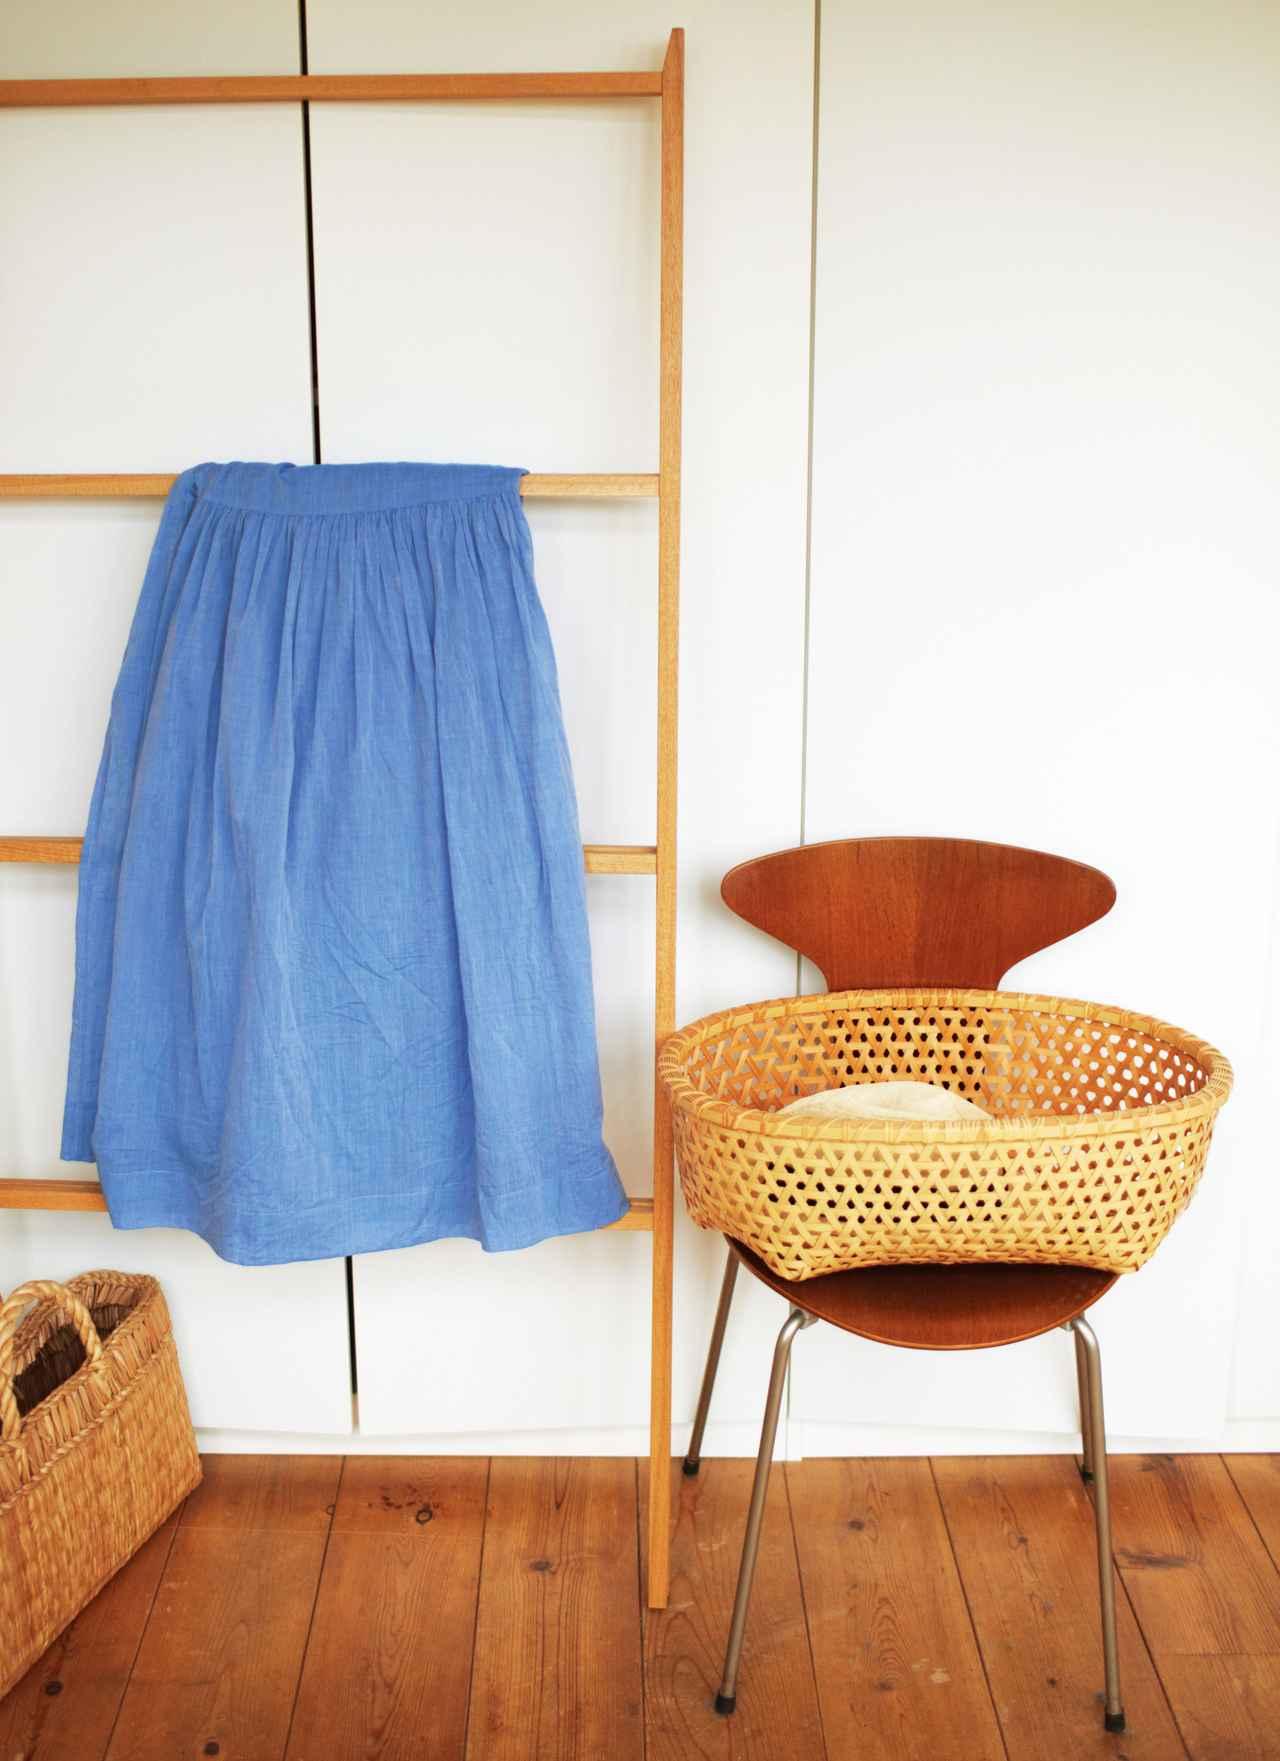 画像: 身支度コーナーで脱いだ洋服入れに 洋服などを一時的に入れておくかごは、何が入っているか一目瞭然なように、浅めのものをチョイス。椅子の上に載せてすぐ手が届く位置に